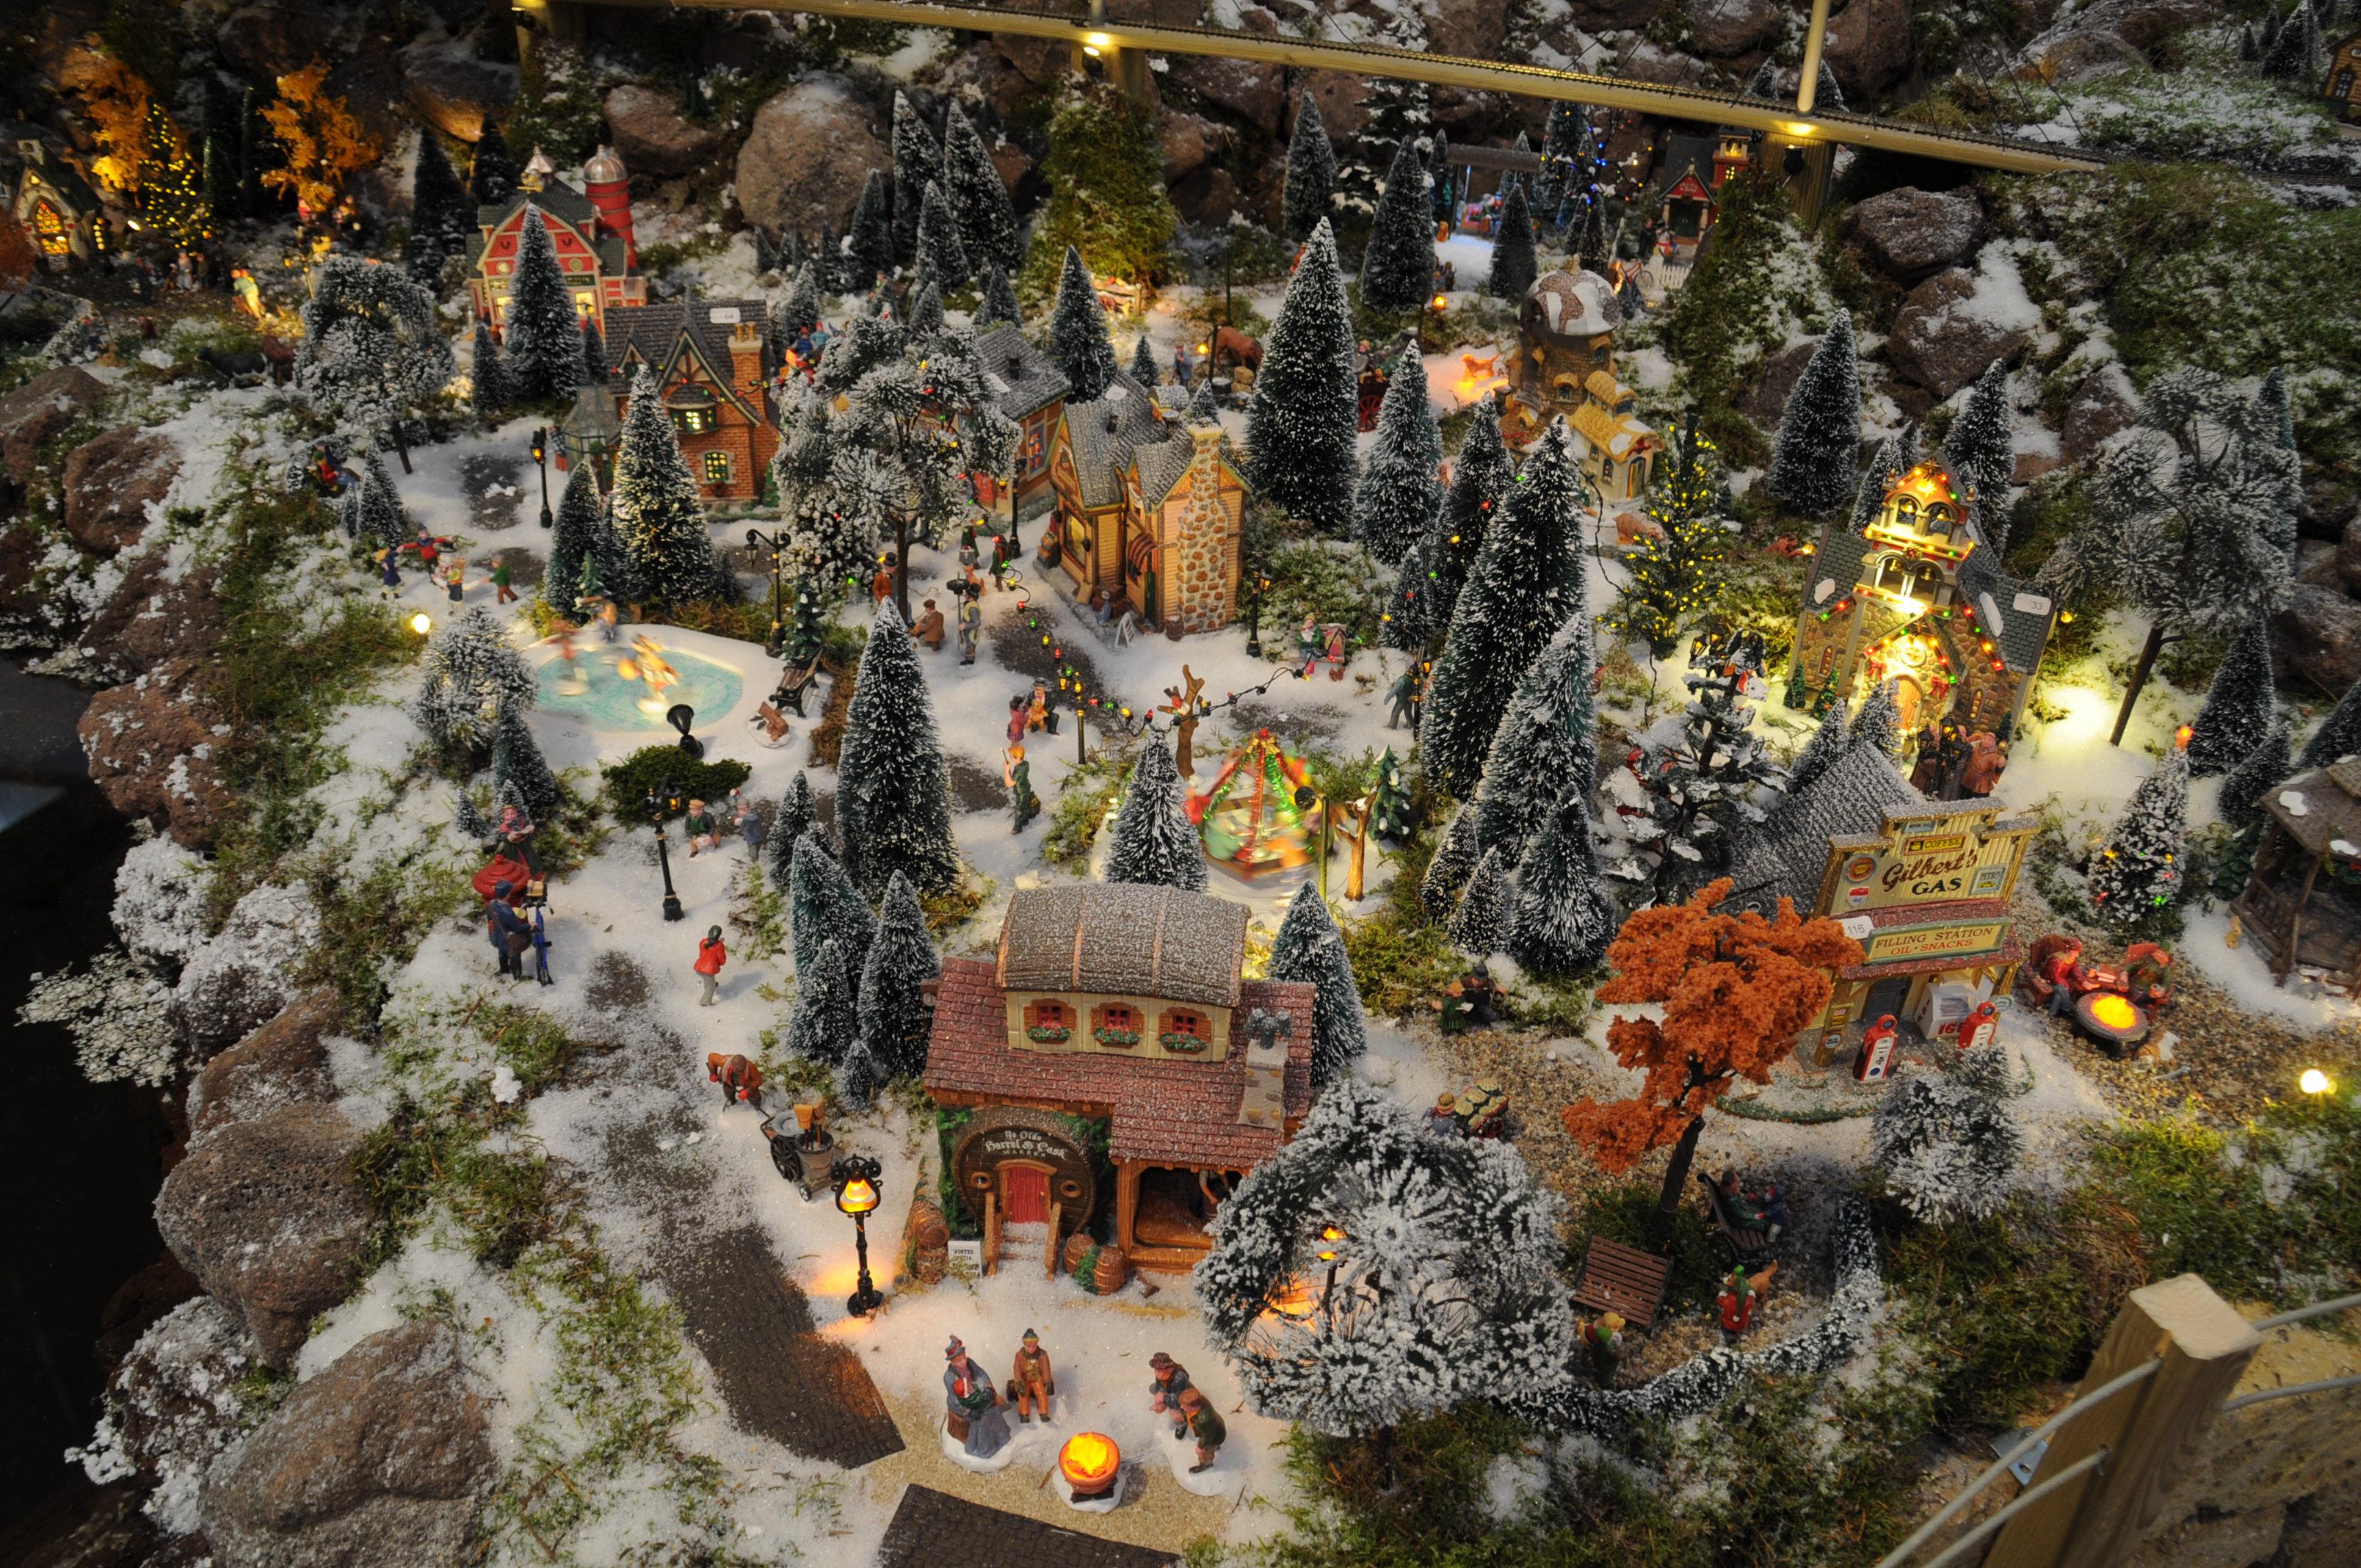 Kerstshow Intratuin Duiven 2015  een winterse sprookjeswe